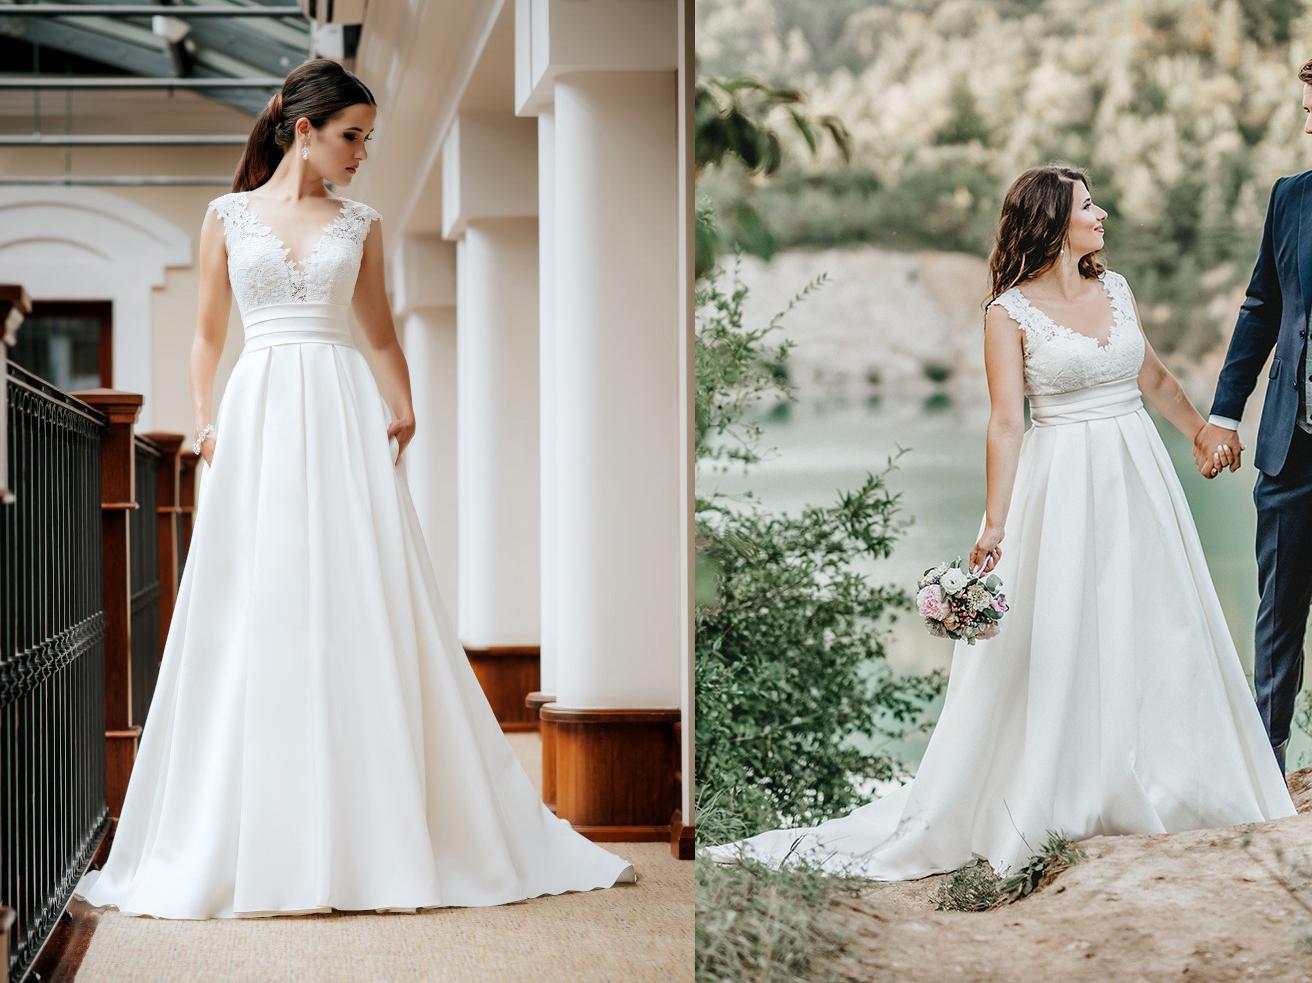 Svadobné šaty na modelke a na reálnej neveste - Nevesta @ronicka a jej svadobné šaty Igar Euphoria 1737